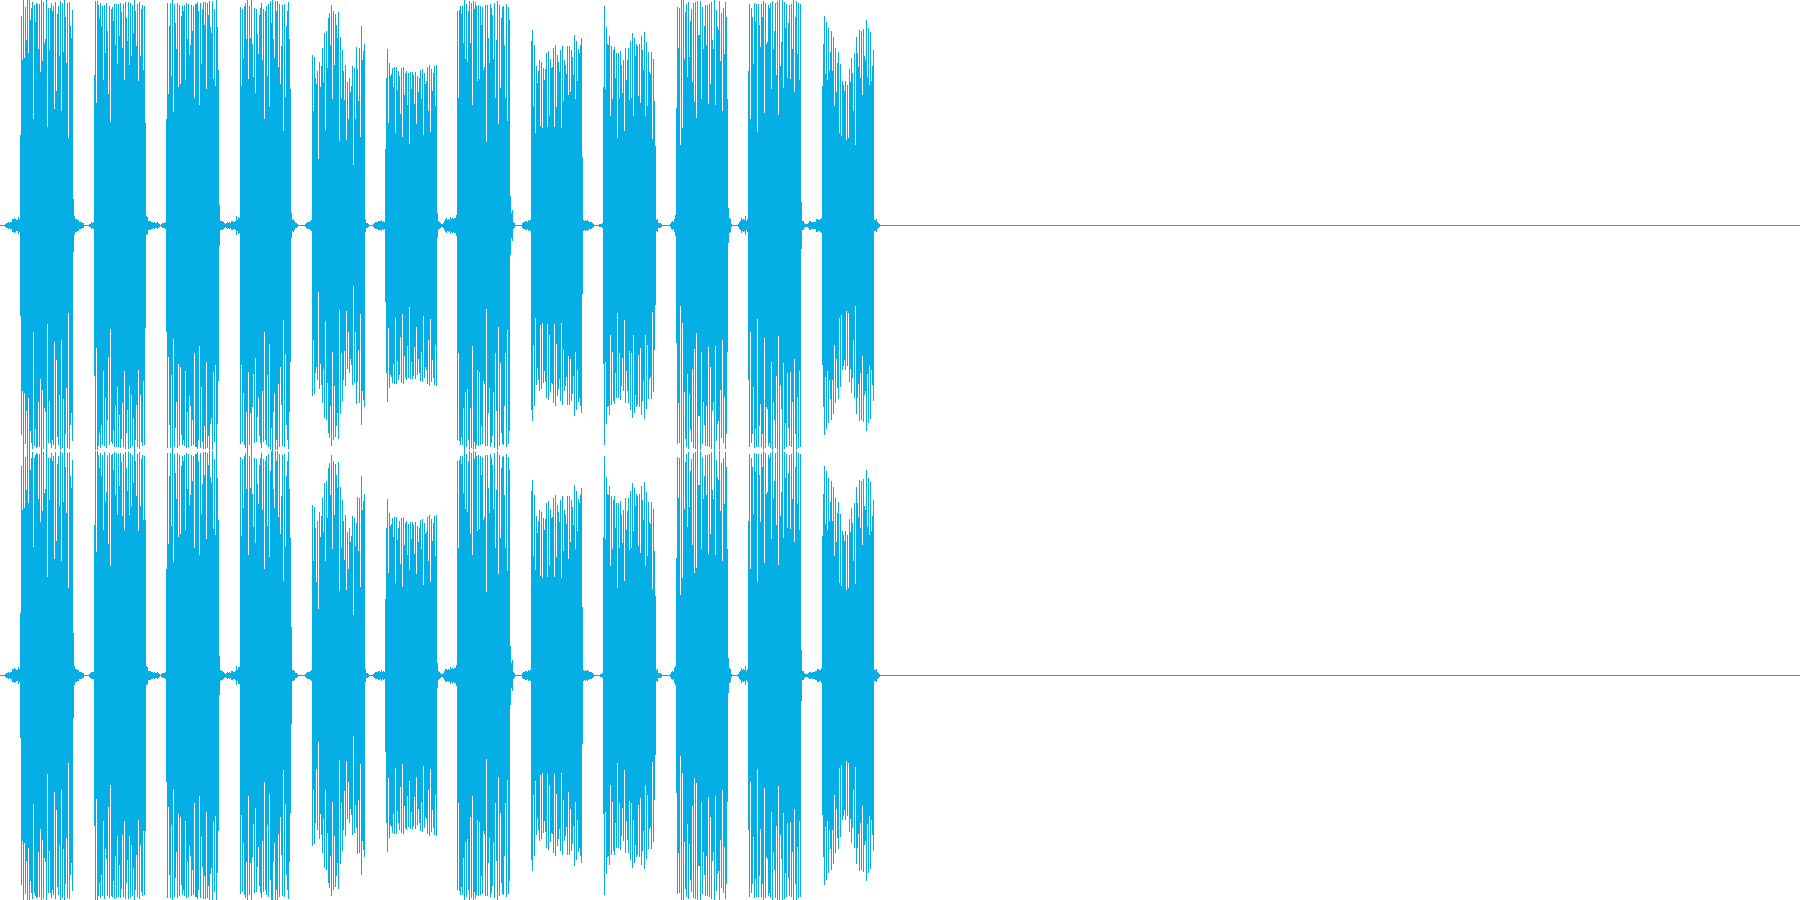 ピロリロピロリロ(PC、ロボット)の再生済みの波形